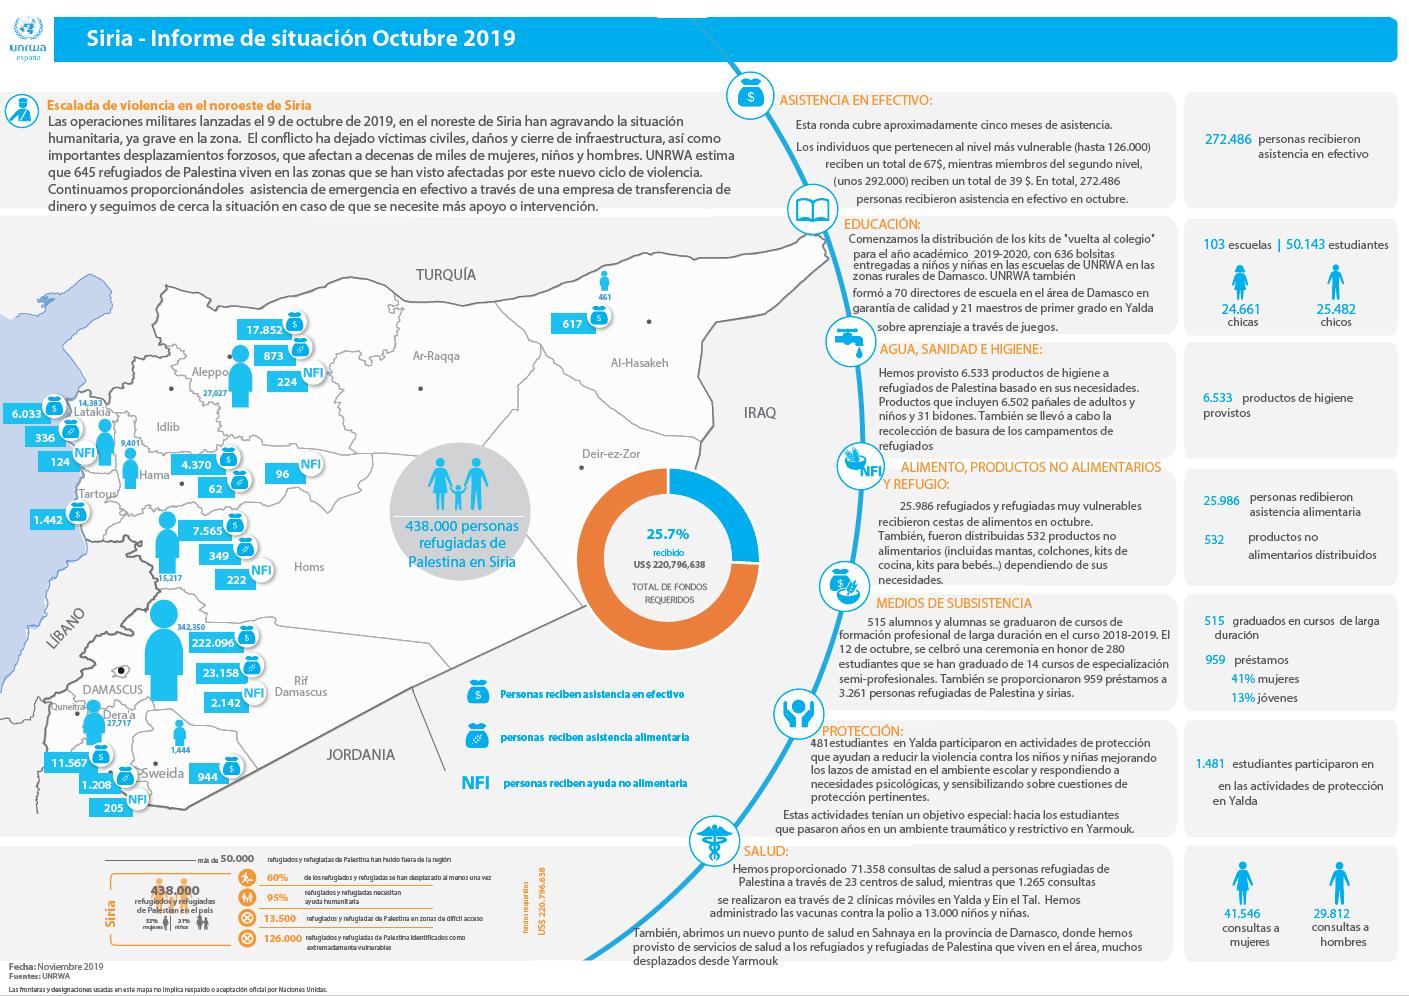 Actualización de la situación humanitaria de los refugiados de Palestina en Siria – noviembre 2019